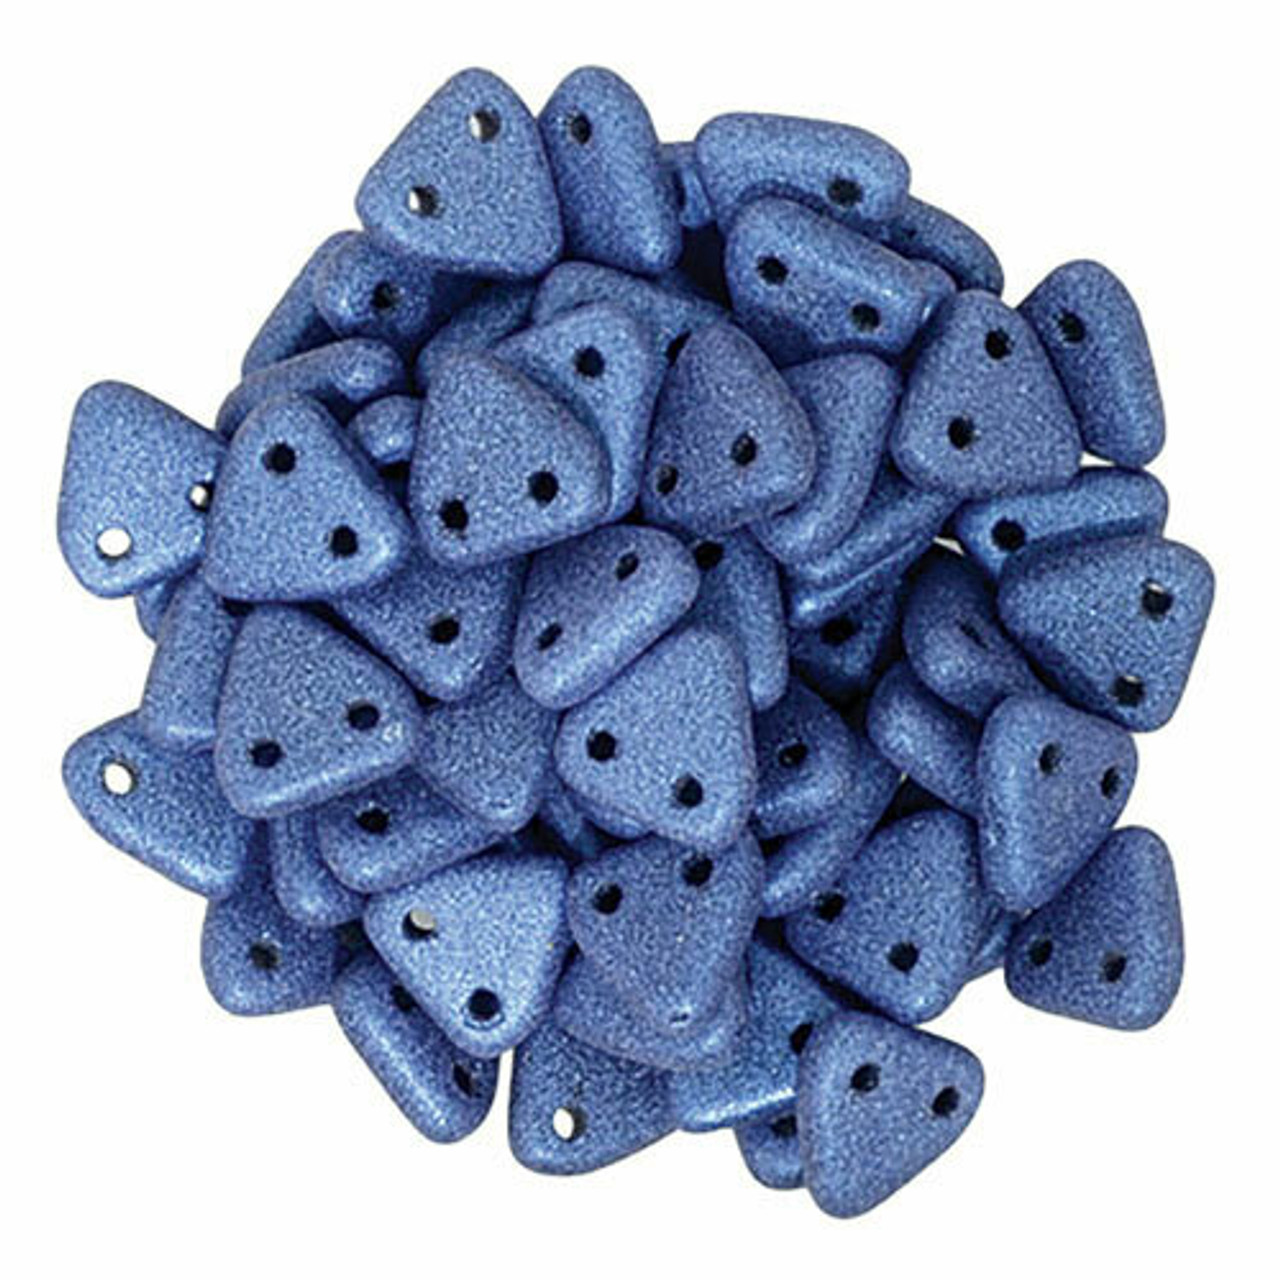 Triangle Beads (2-Hole)